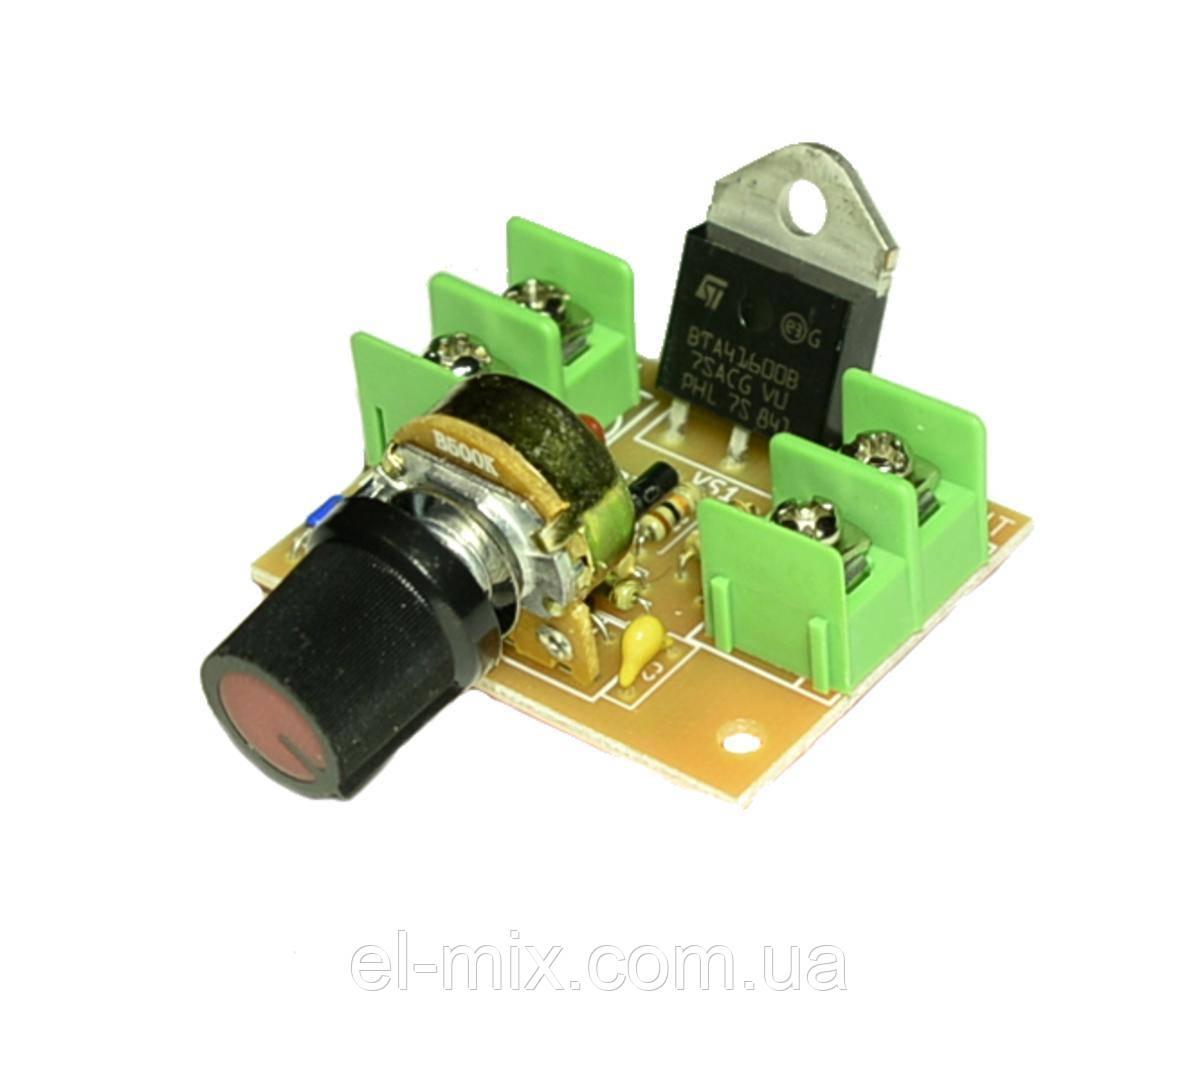 Модуль: регулятор мощности AC 220V 5КВт (2 клеммника)  М139.1